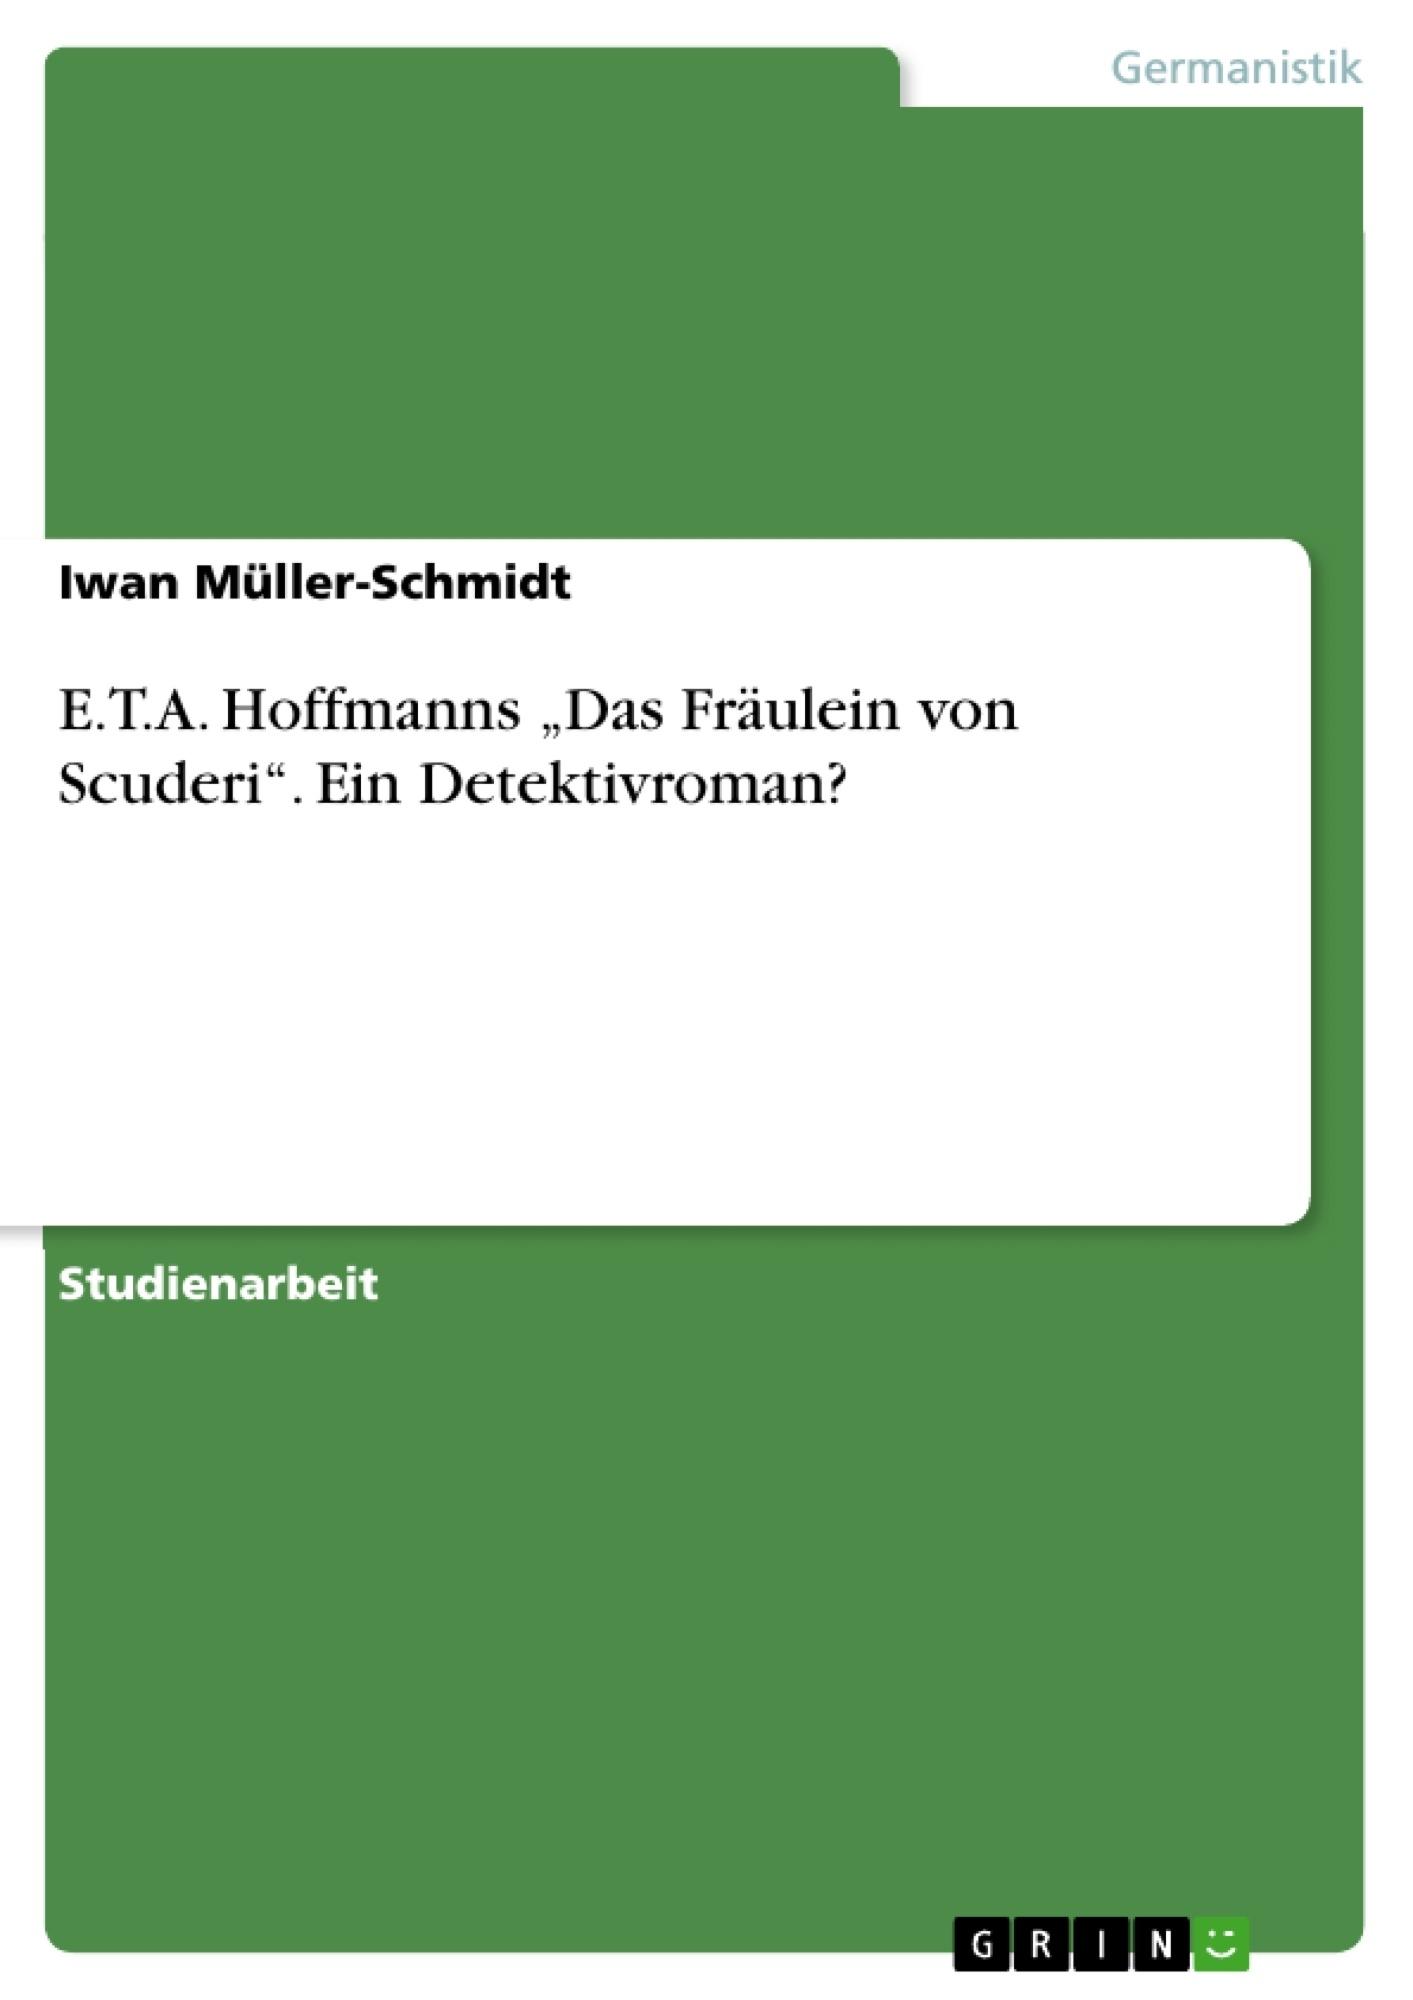 """Titel: E.T.A. Hoffmanns """"Das Fräulein von Scuderi"""". Ein Detektivroman?"""